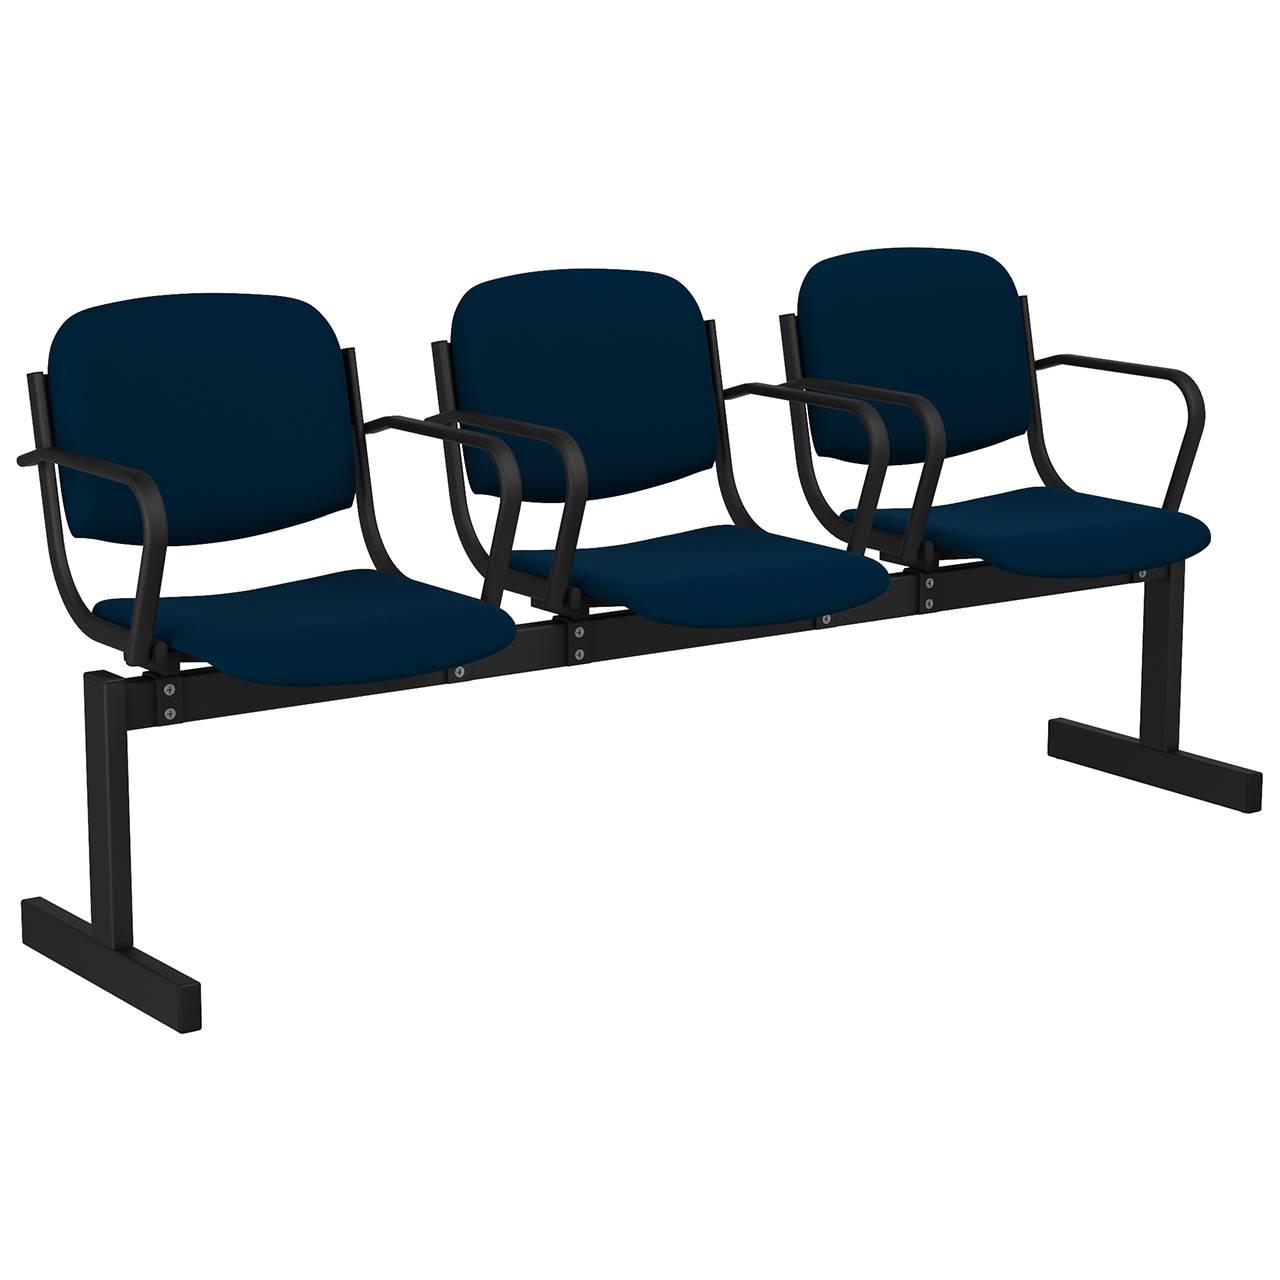 3-местный, не откидывающиеся сиденья, мягкий, подлокотники черный синий Флок